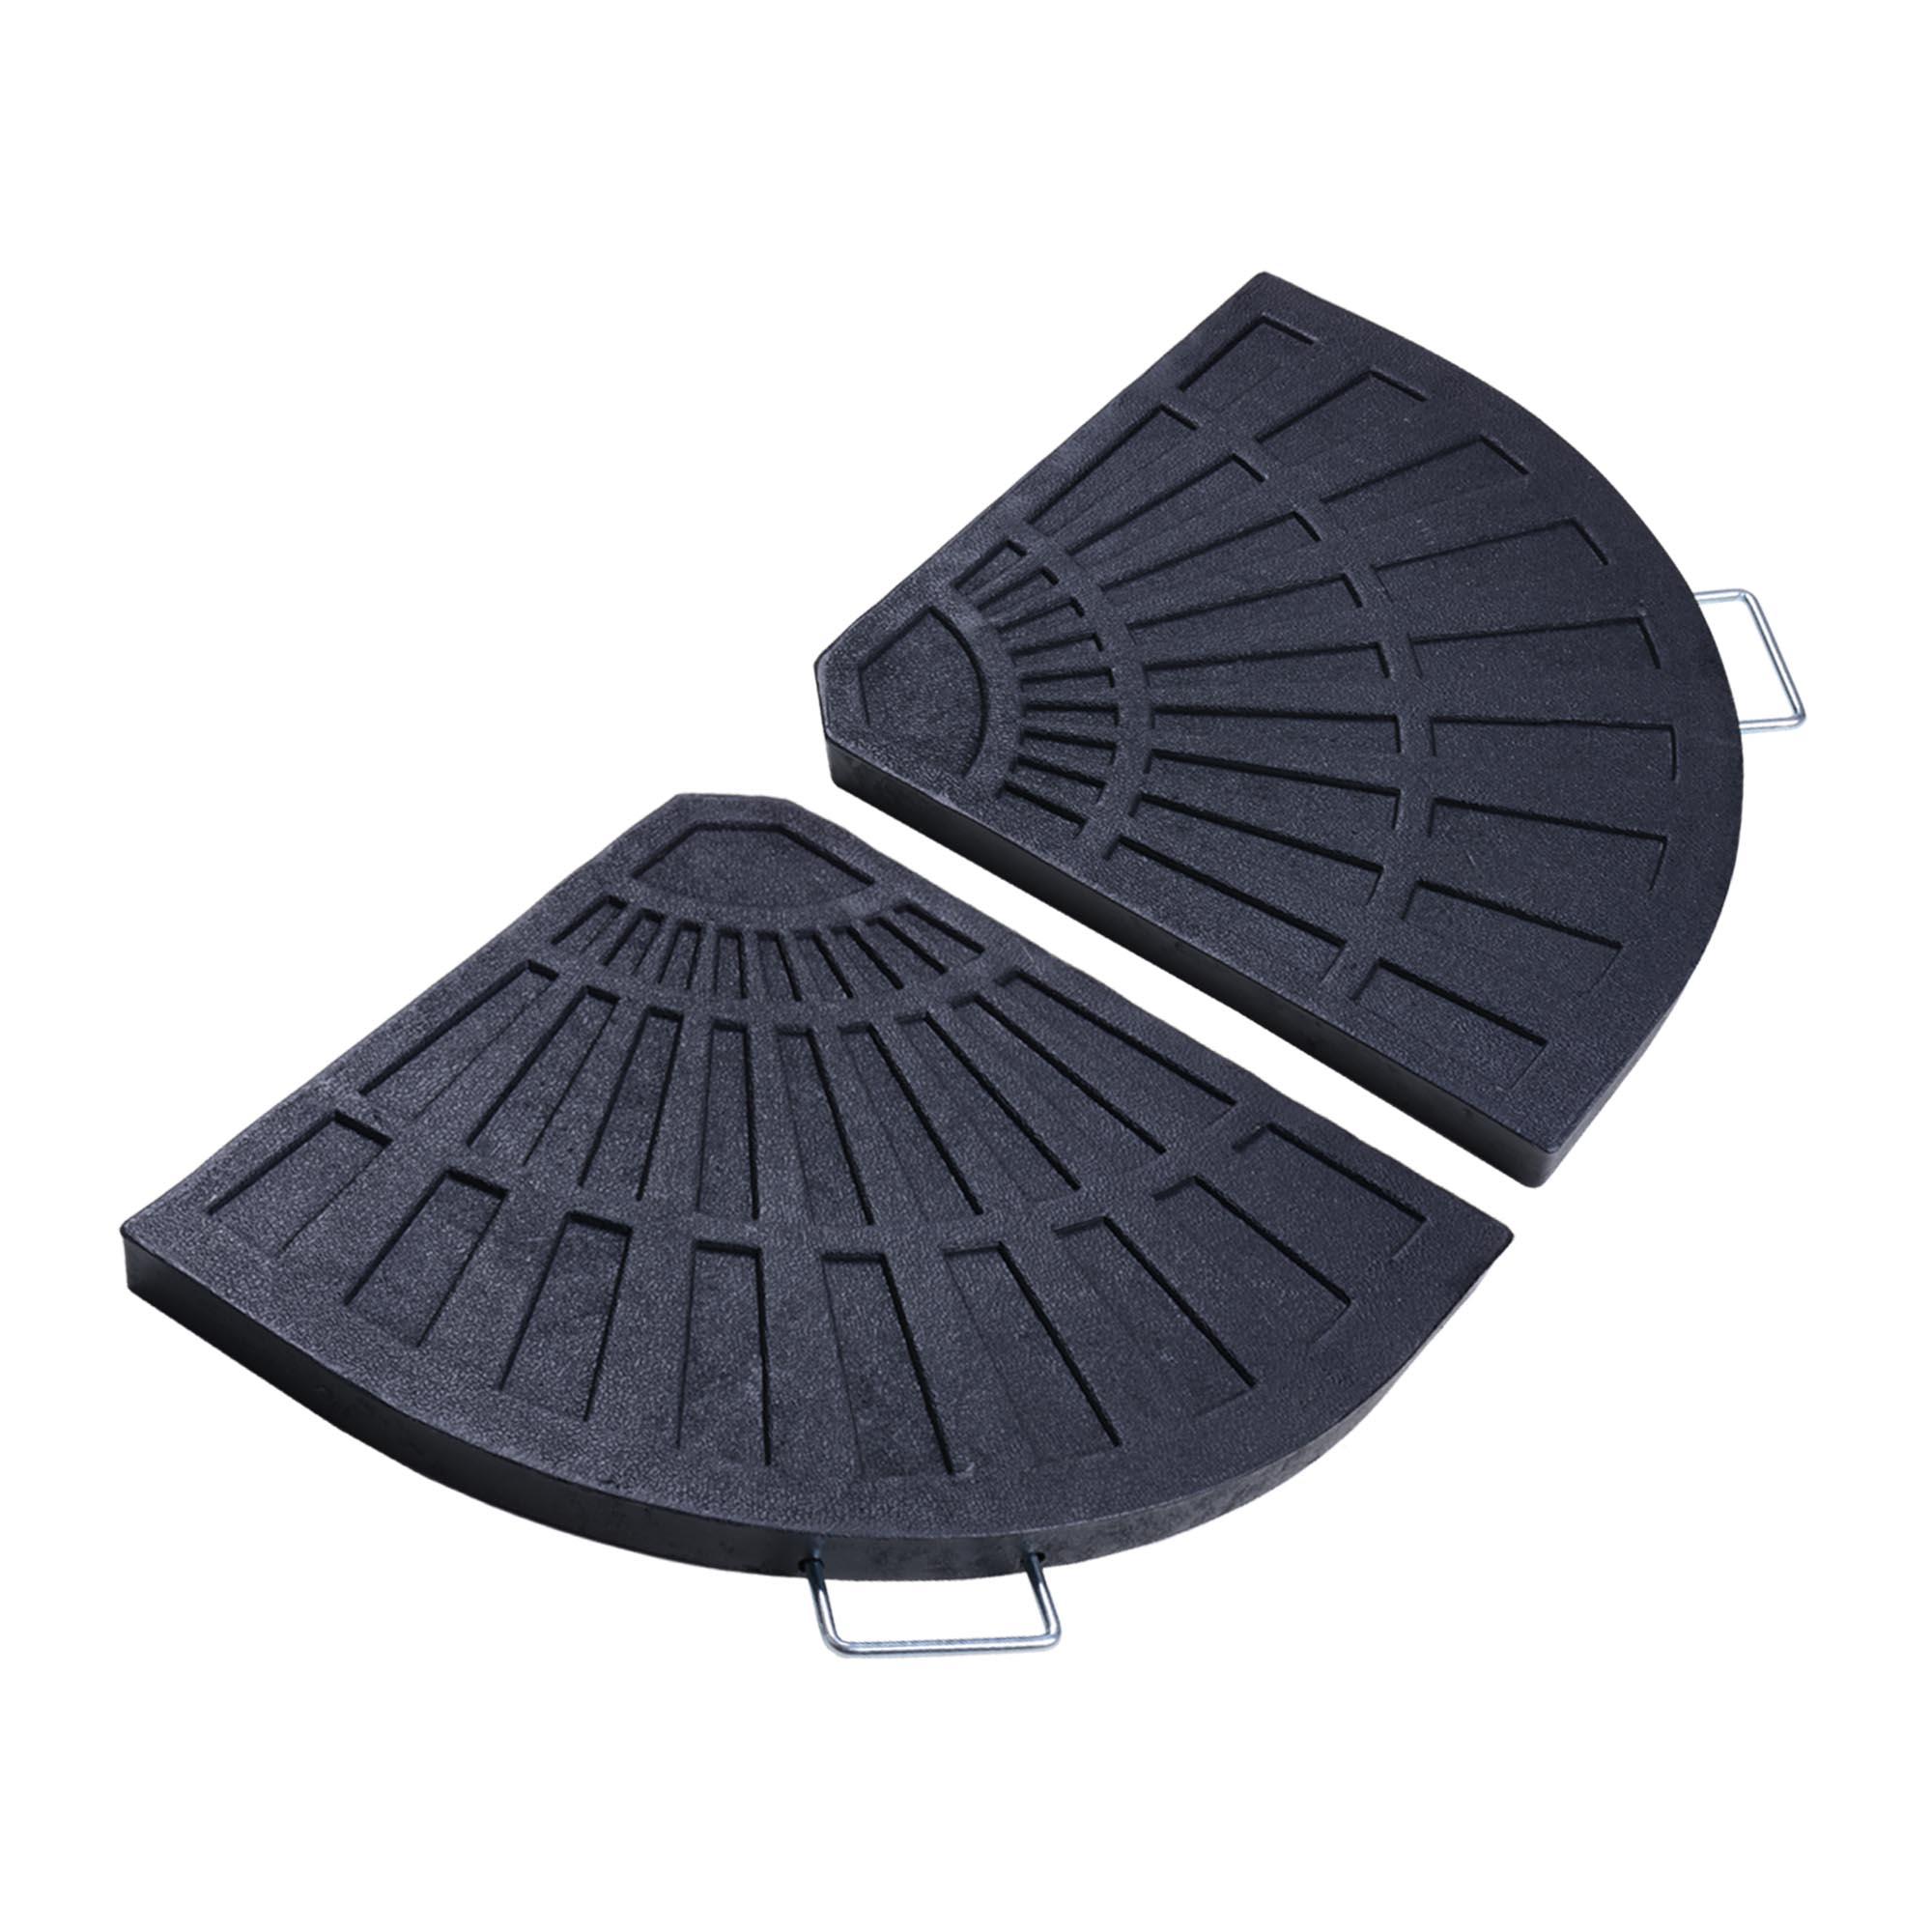 Patio Outdoor 2 Piece Cantilever Offset Umbrella Base